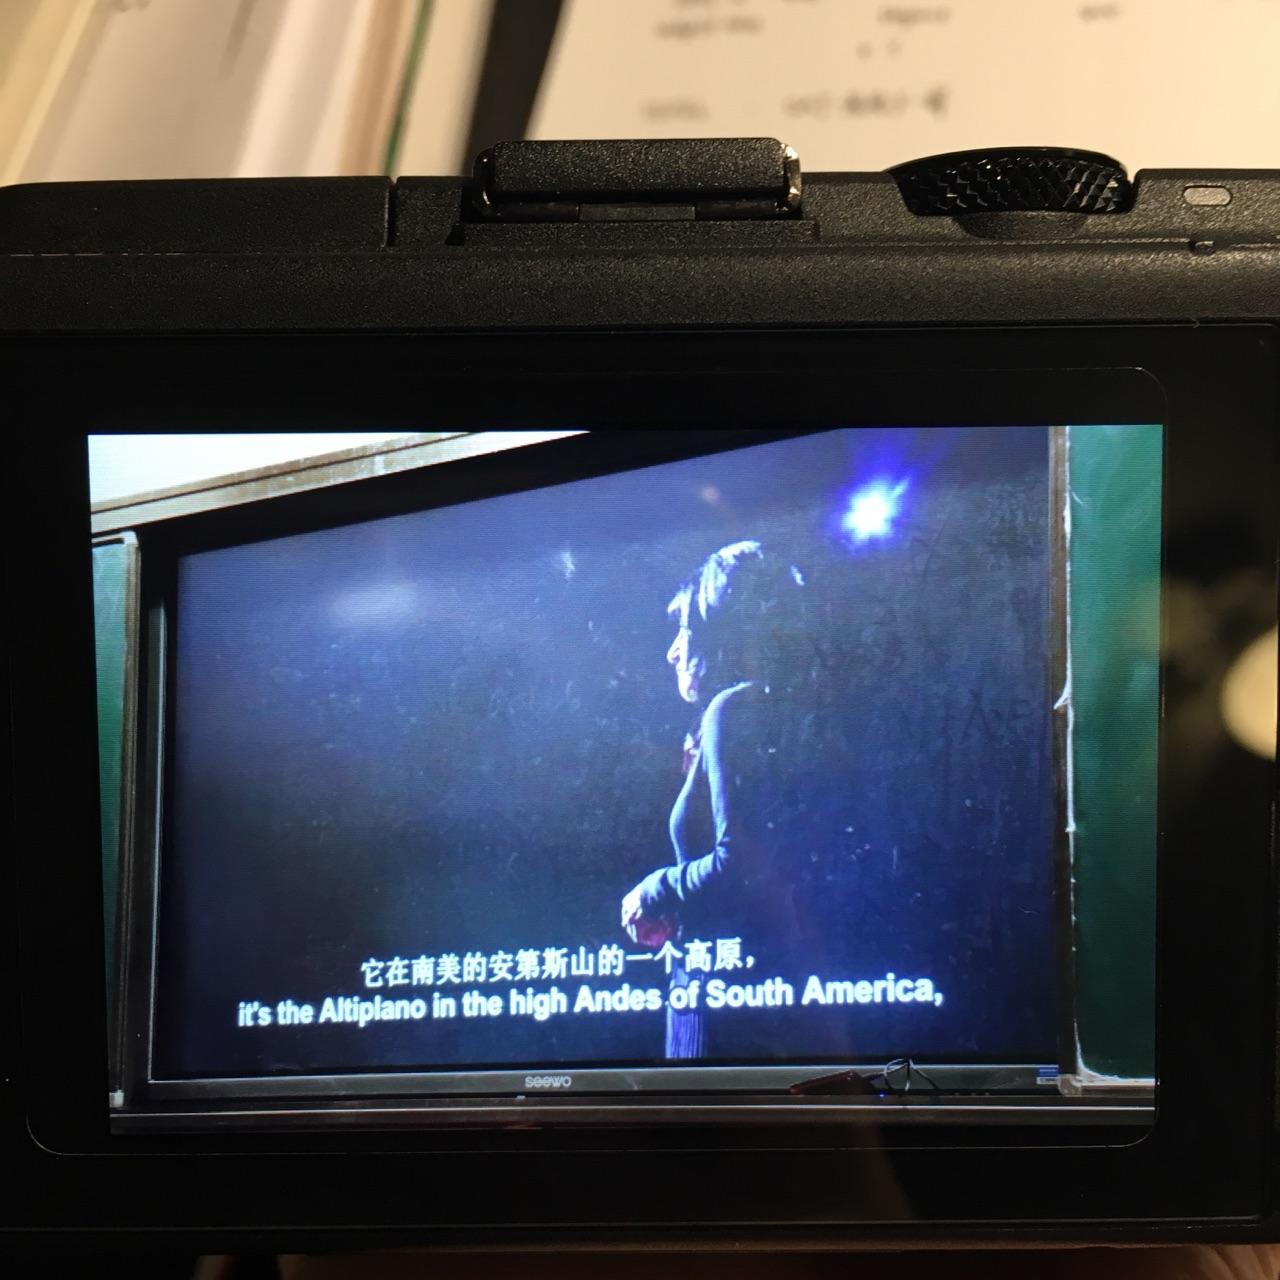 在杭州高级中学国际部就读是一种样的v高中日本高中魔术图片